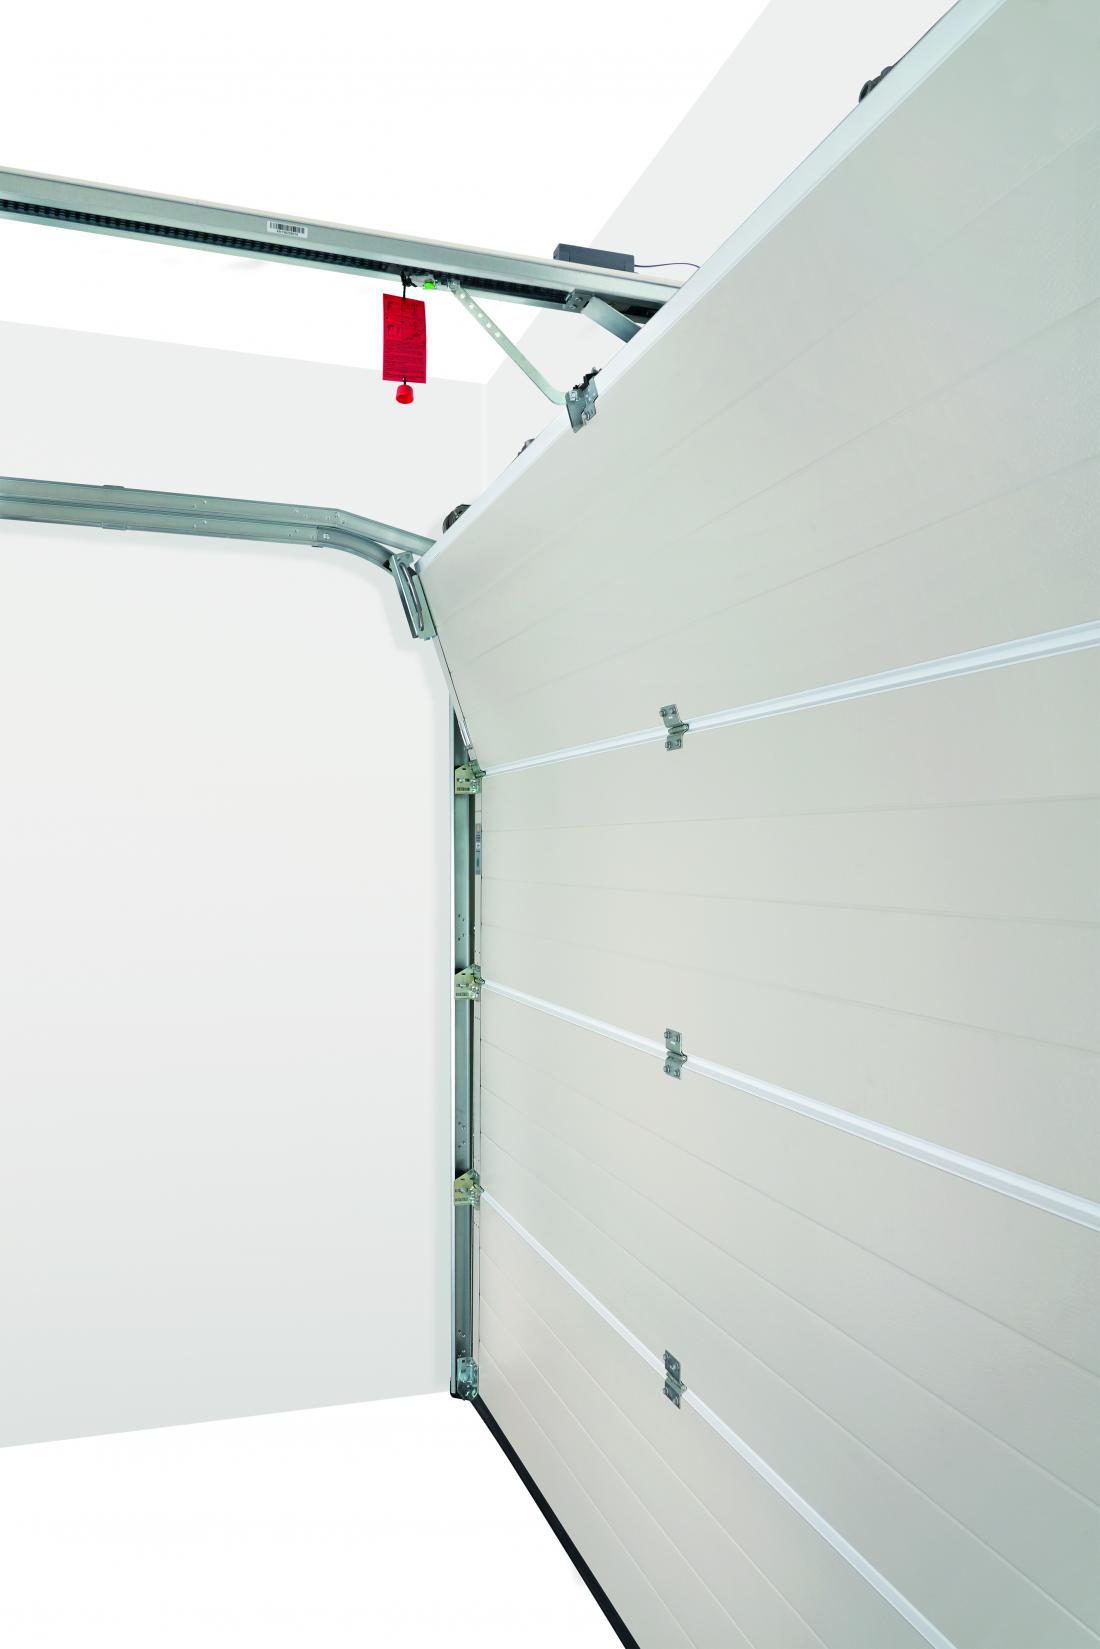 Sekcijska vrata se pri zapiranju lomijo in potujejo po vodilih.